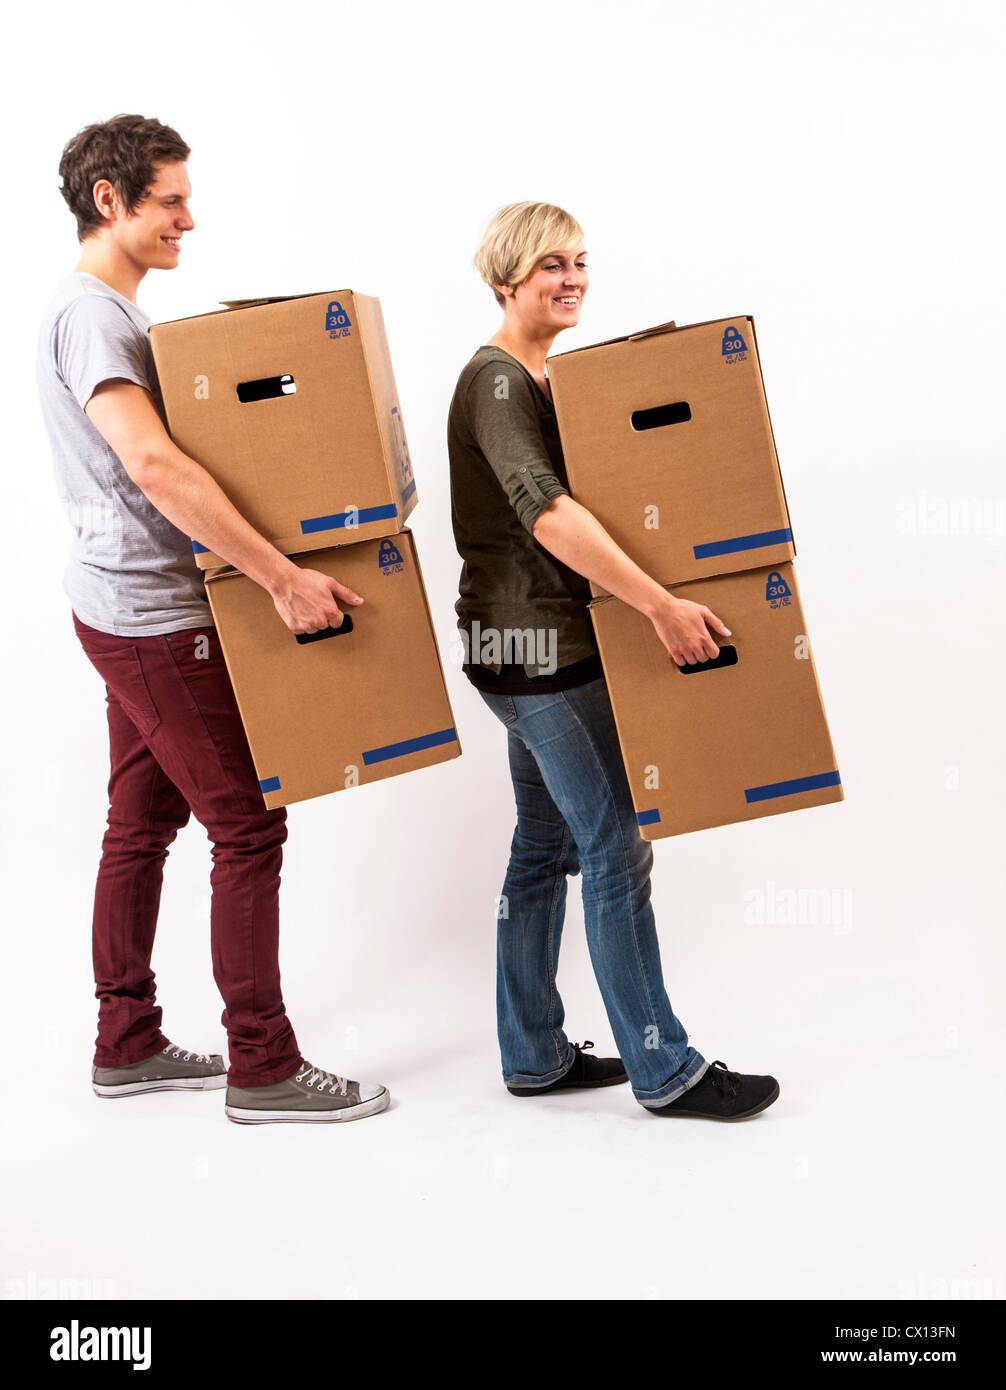 Symbolfoto Umzug, Auszug, umziehen. Junges Paar trägt Umzugskartons. Umzugskisten aus Pappkarton. Stock Photo